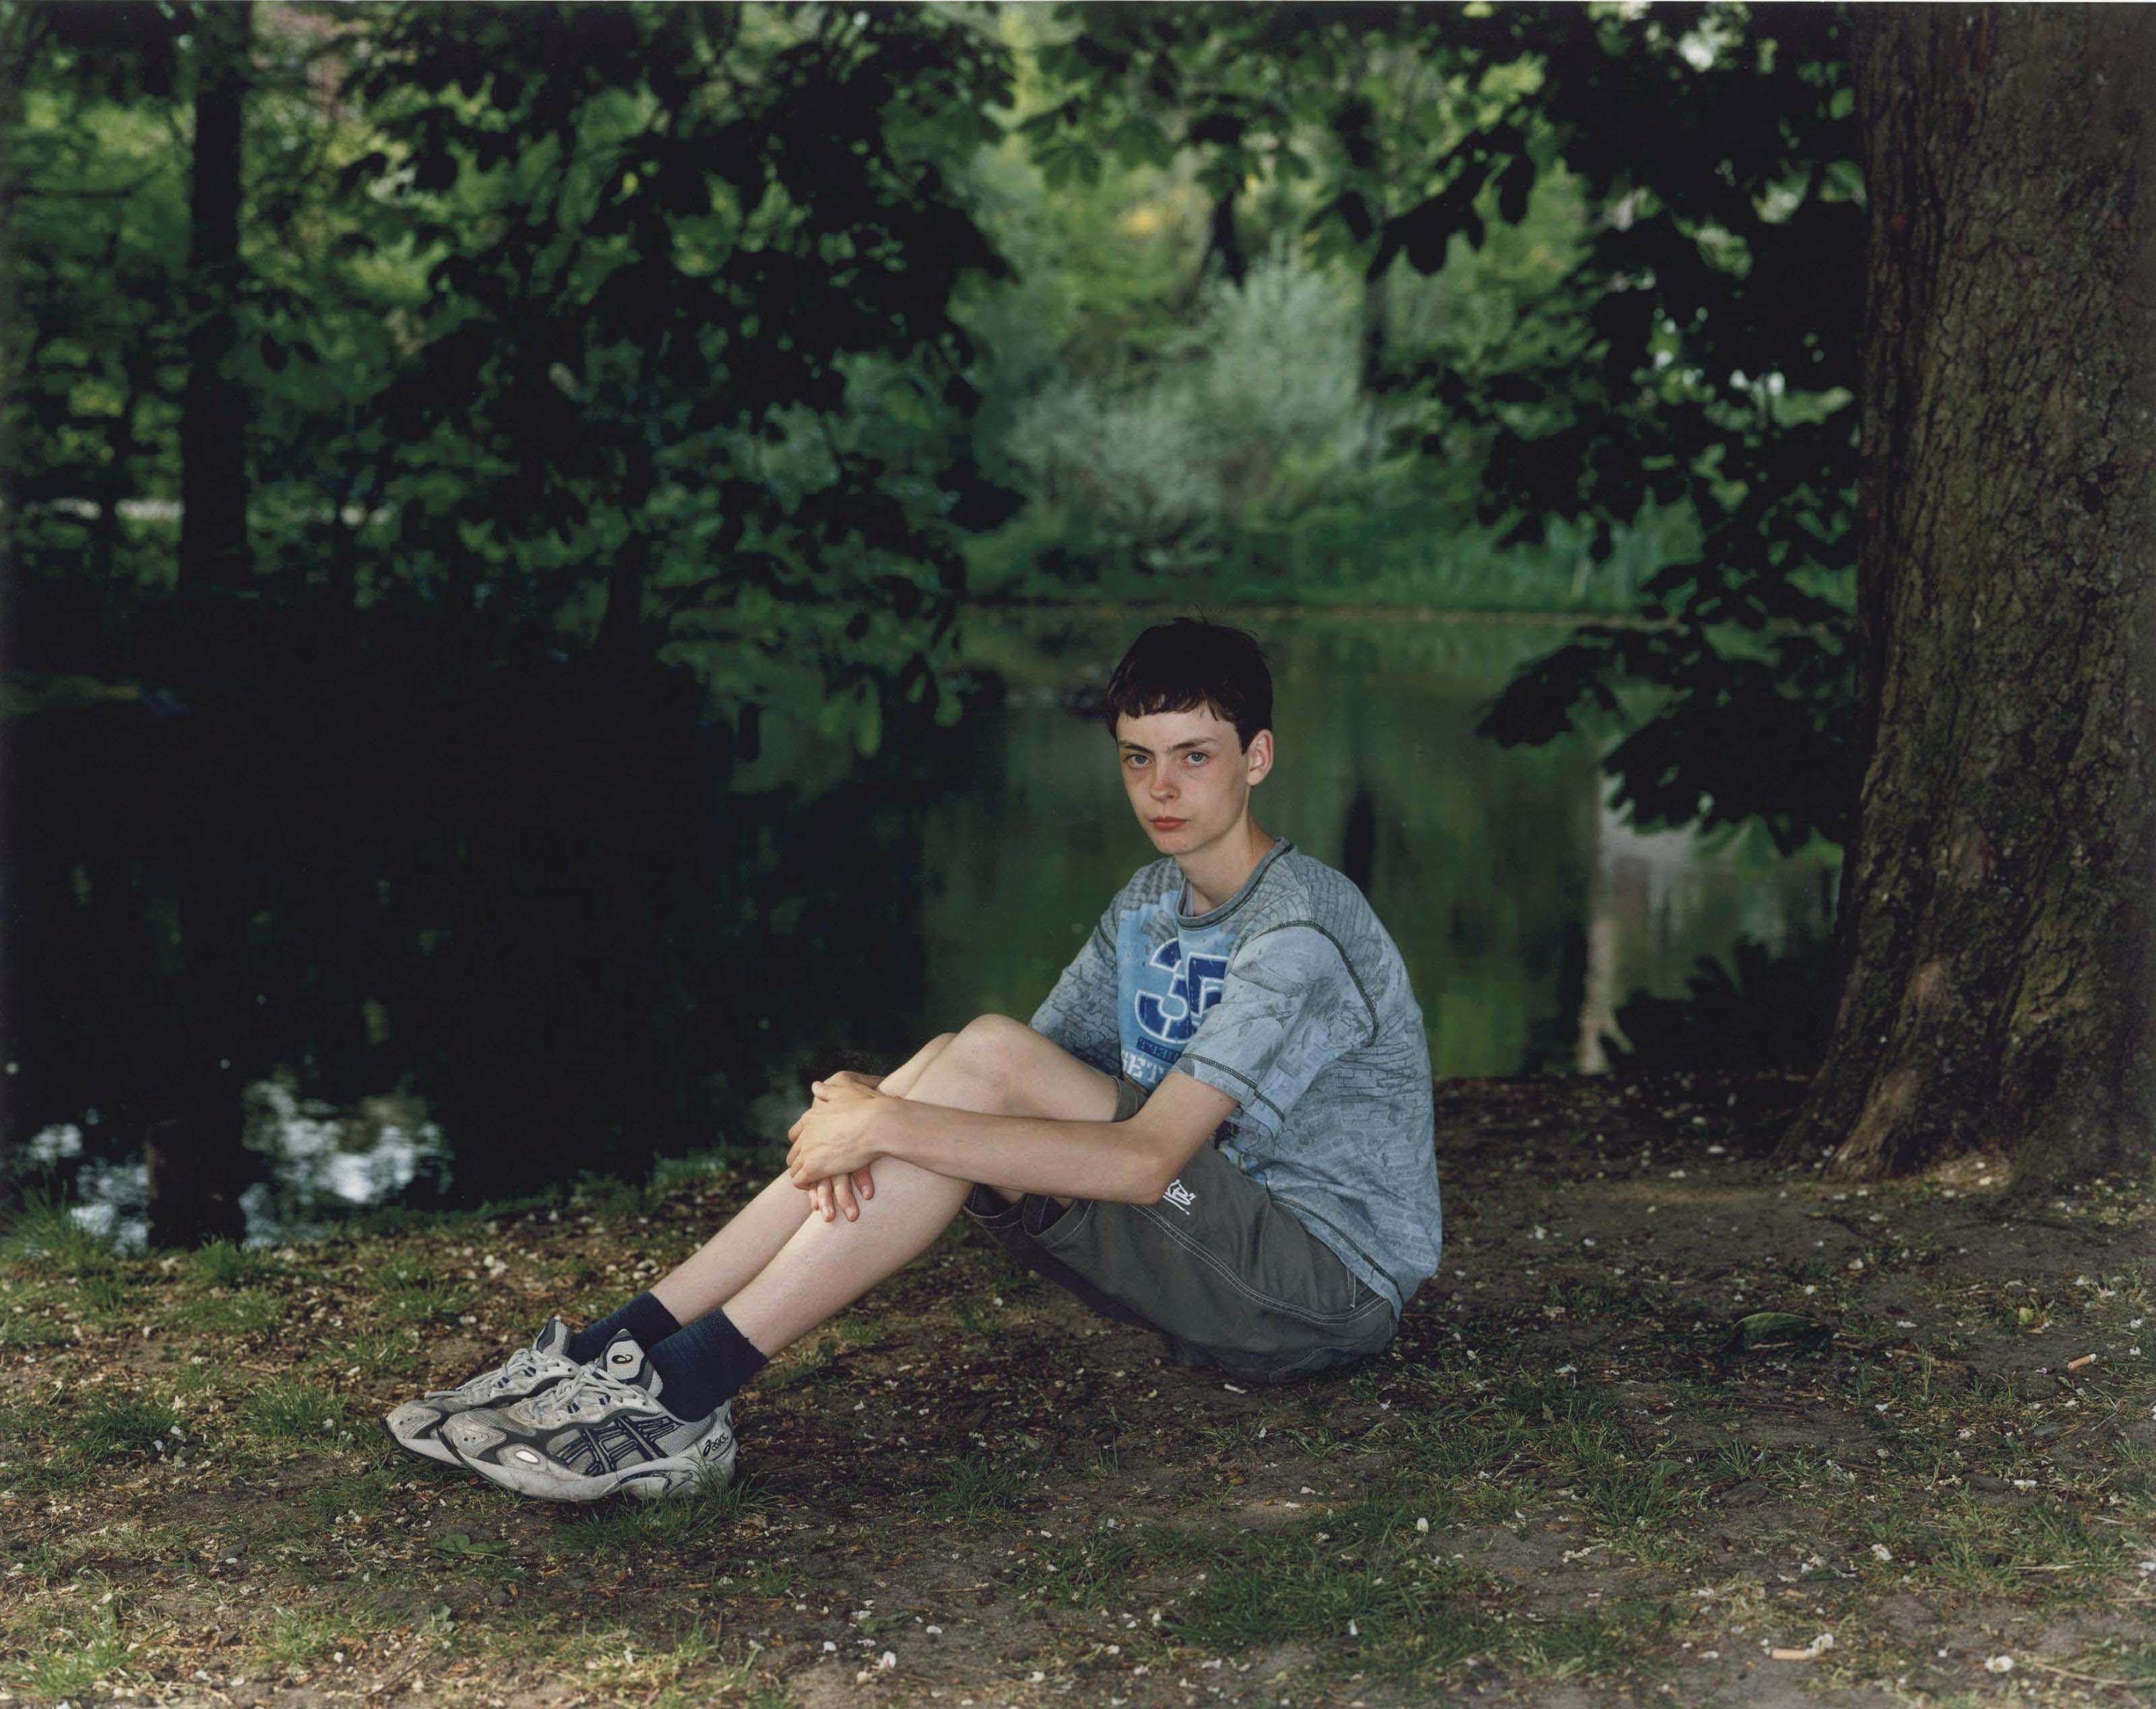 Teenage boy in Vondelpark, Amsterdam, The Netherlands, May 12, 2006